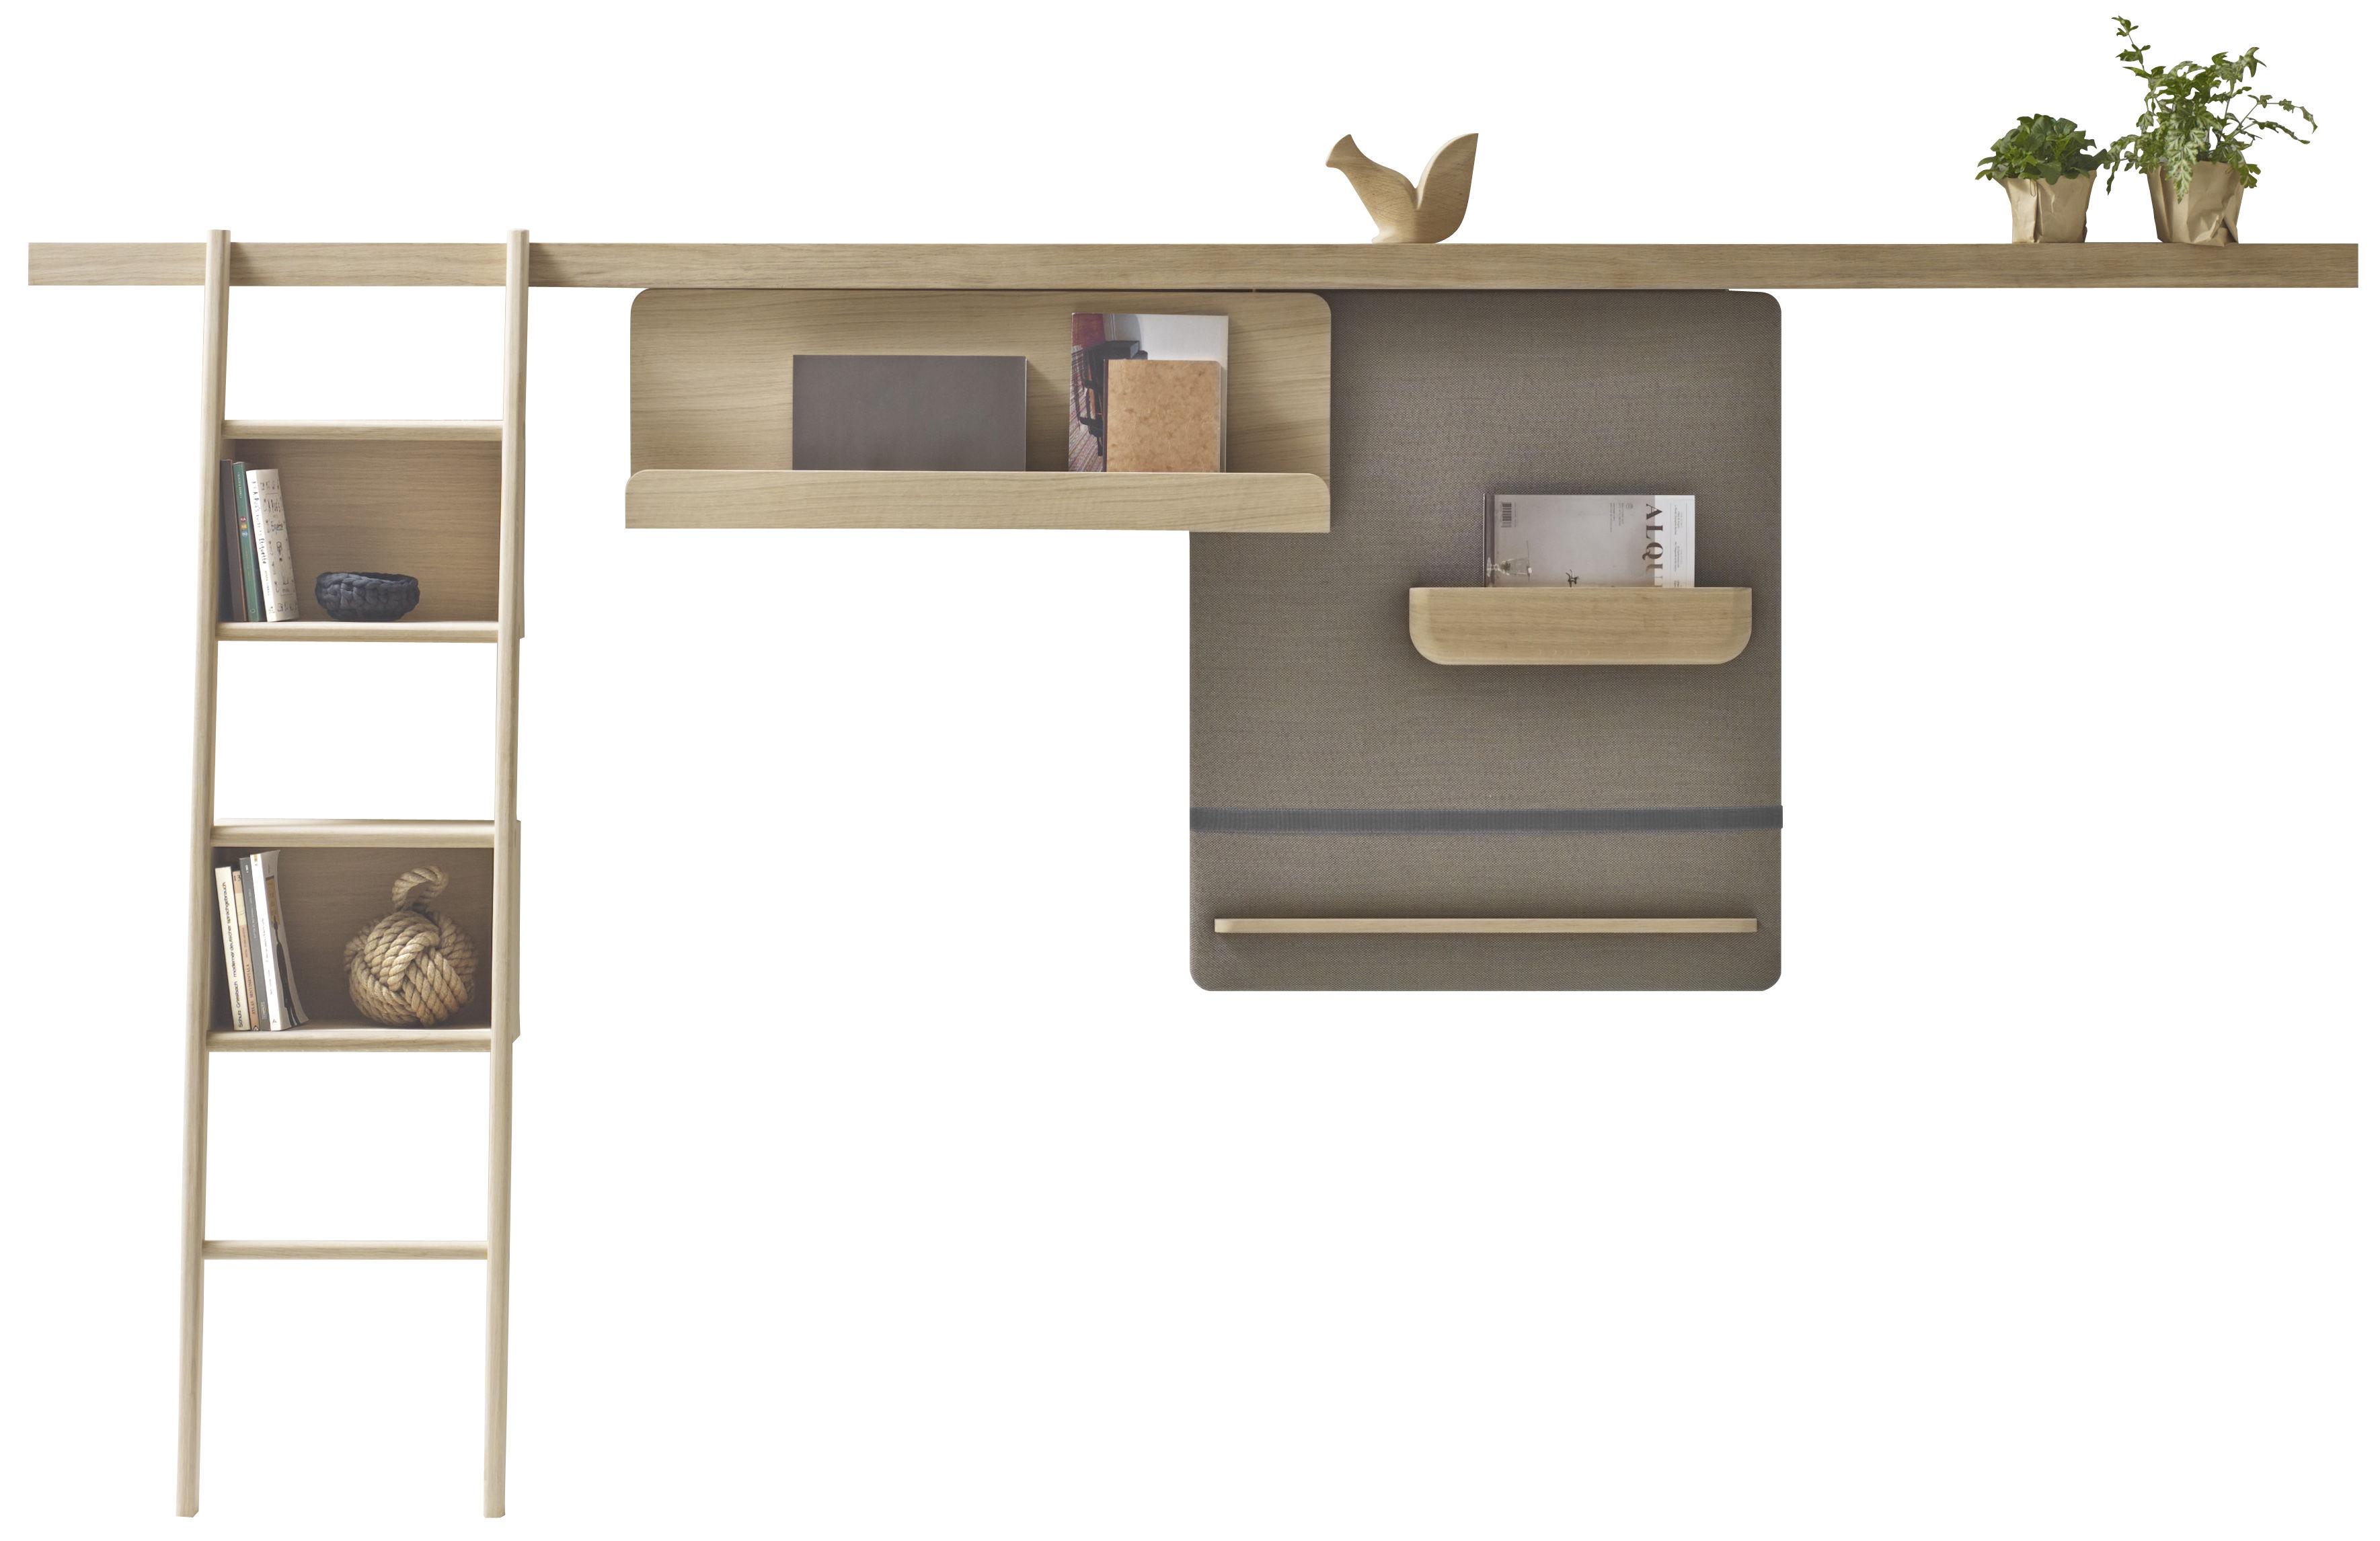 rangement mural zutik 3 accessoires modulables l 300 cm bois marron chin alki. Black Bedroom Furniture Sets. Home Design Ideas